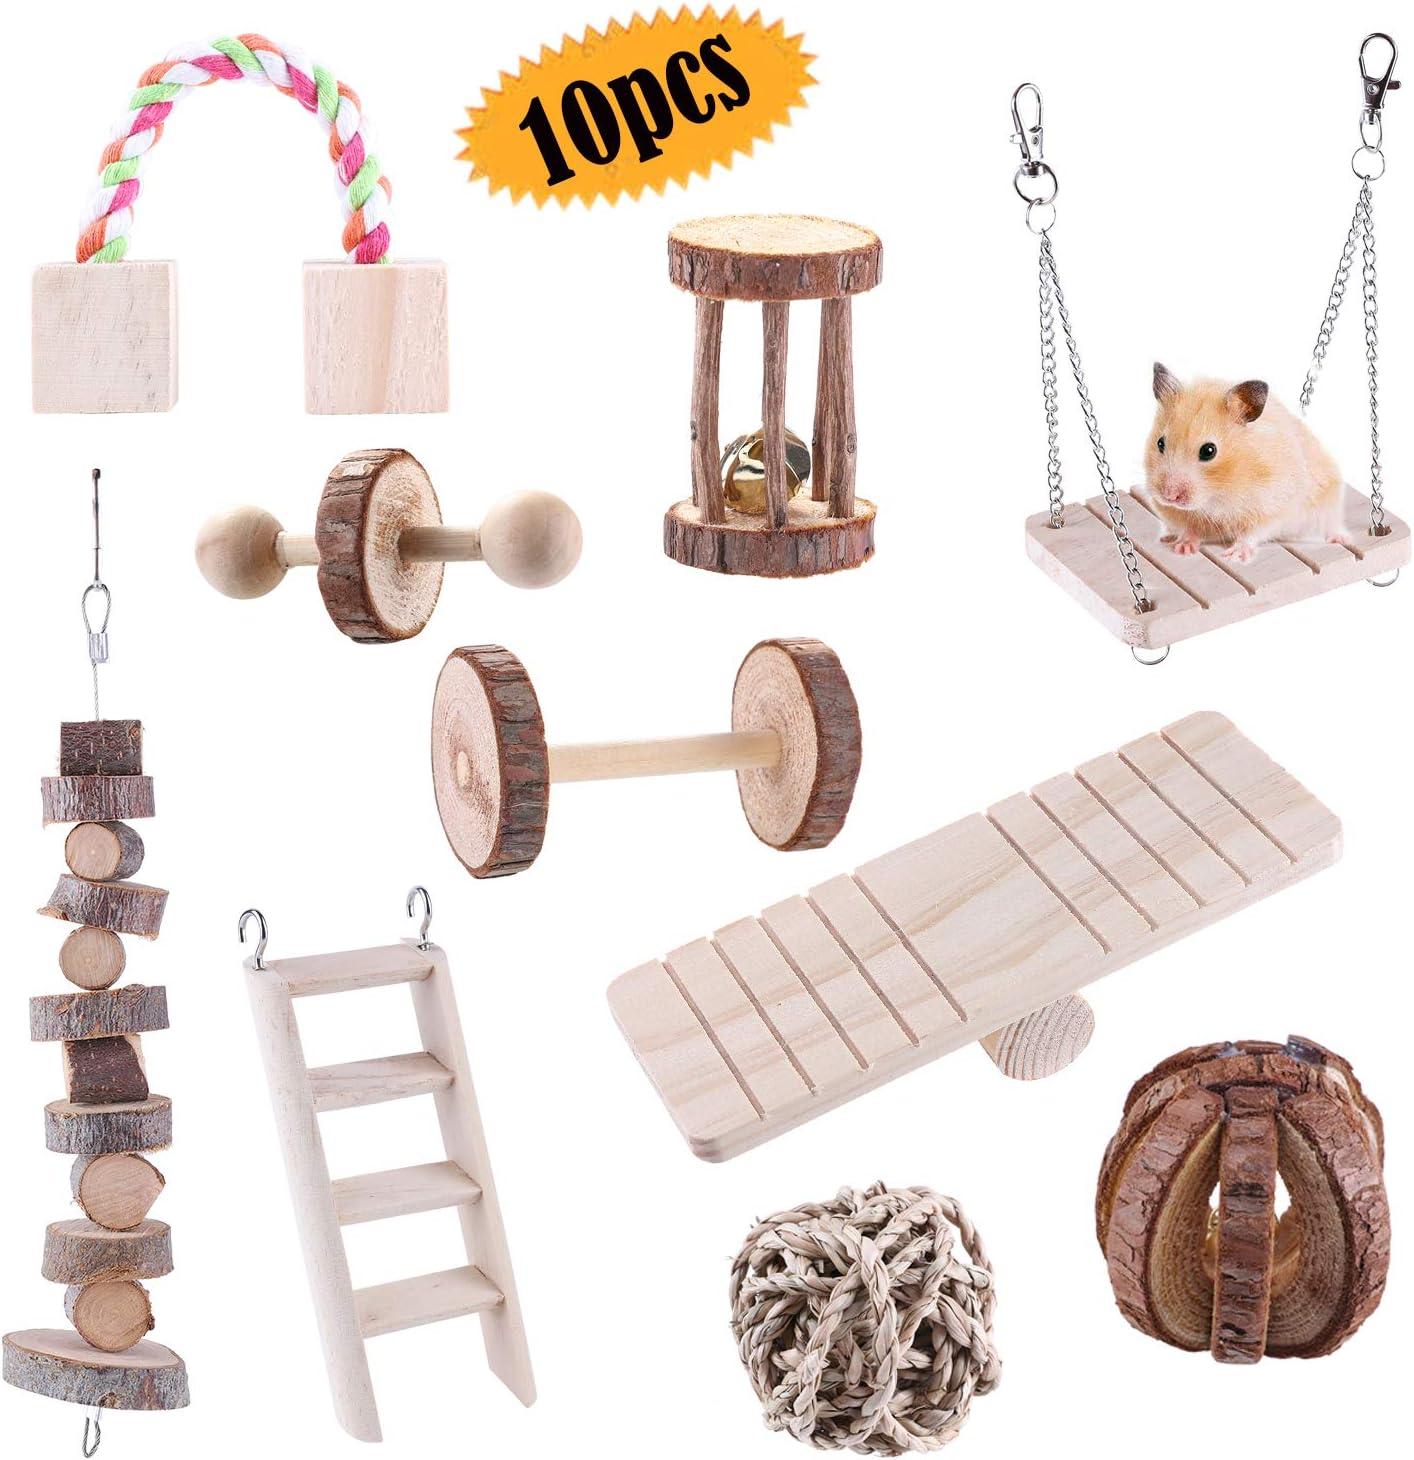 hámster masticable juguetes, 10 piezas de natural pino cobayas juguetes chinchillas juguetes mancuernas ejercicio pequeño mascotas cuidado dientes molar juguete para pájaros conejo Gerbils